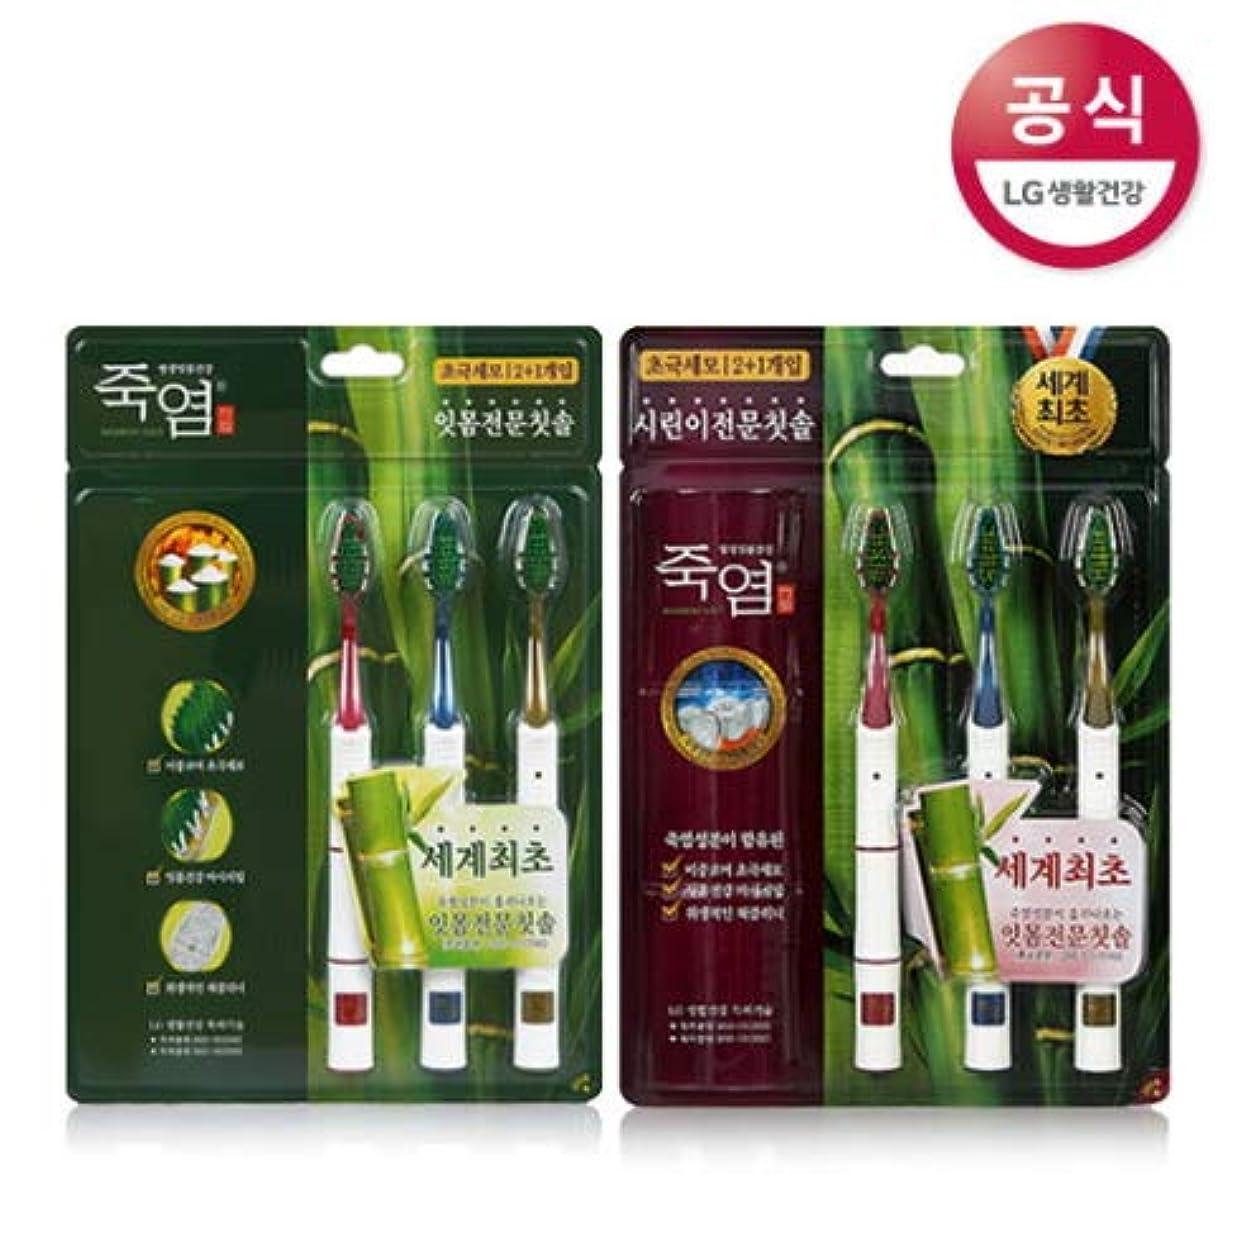 を必要としています真面目な臨検[LG HnB] Bamboo salt syringe/gum professional toothbrush/竹塩つぶれが/歯茎専門の歯ブラシ 3口x2個(海外直送品)